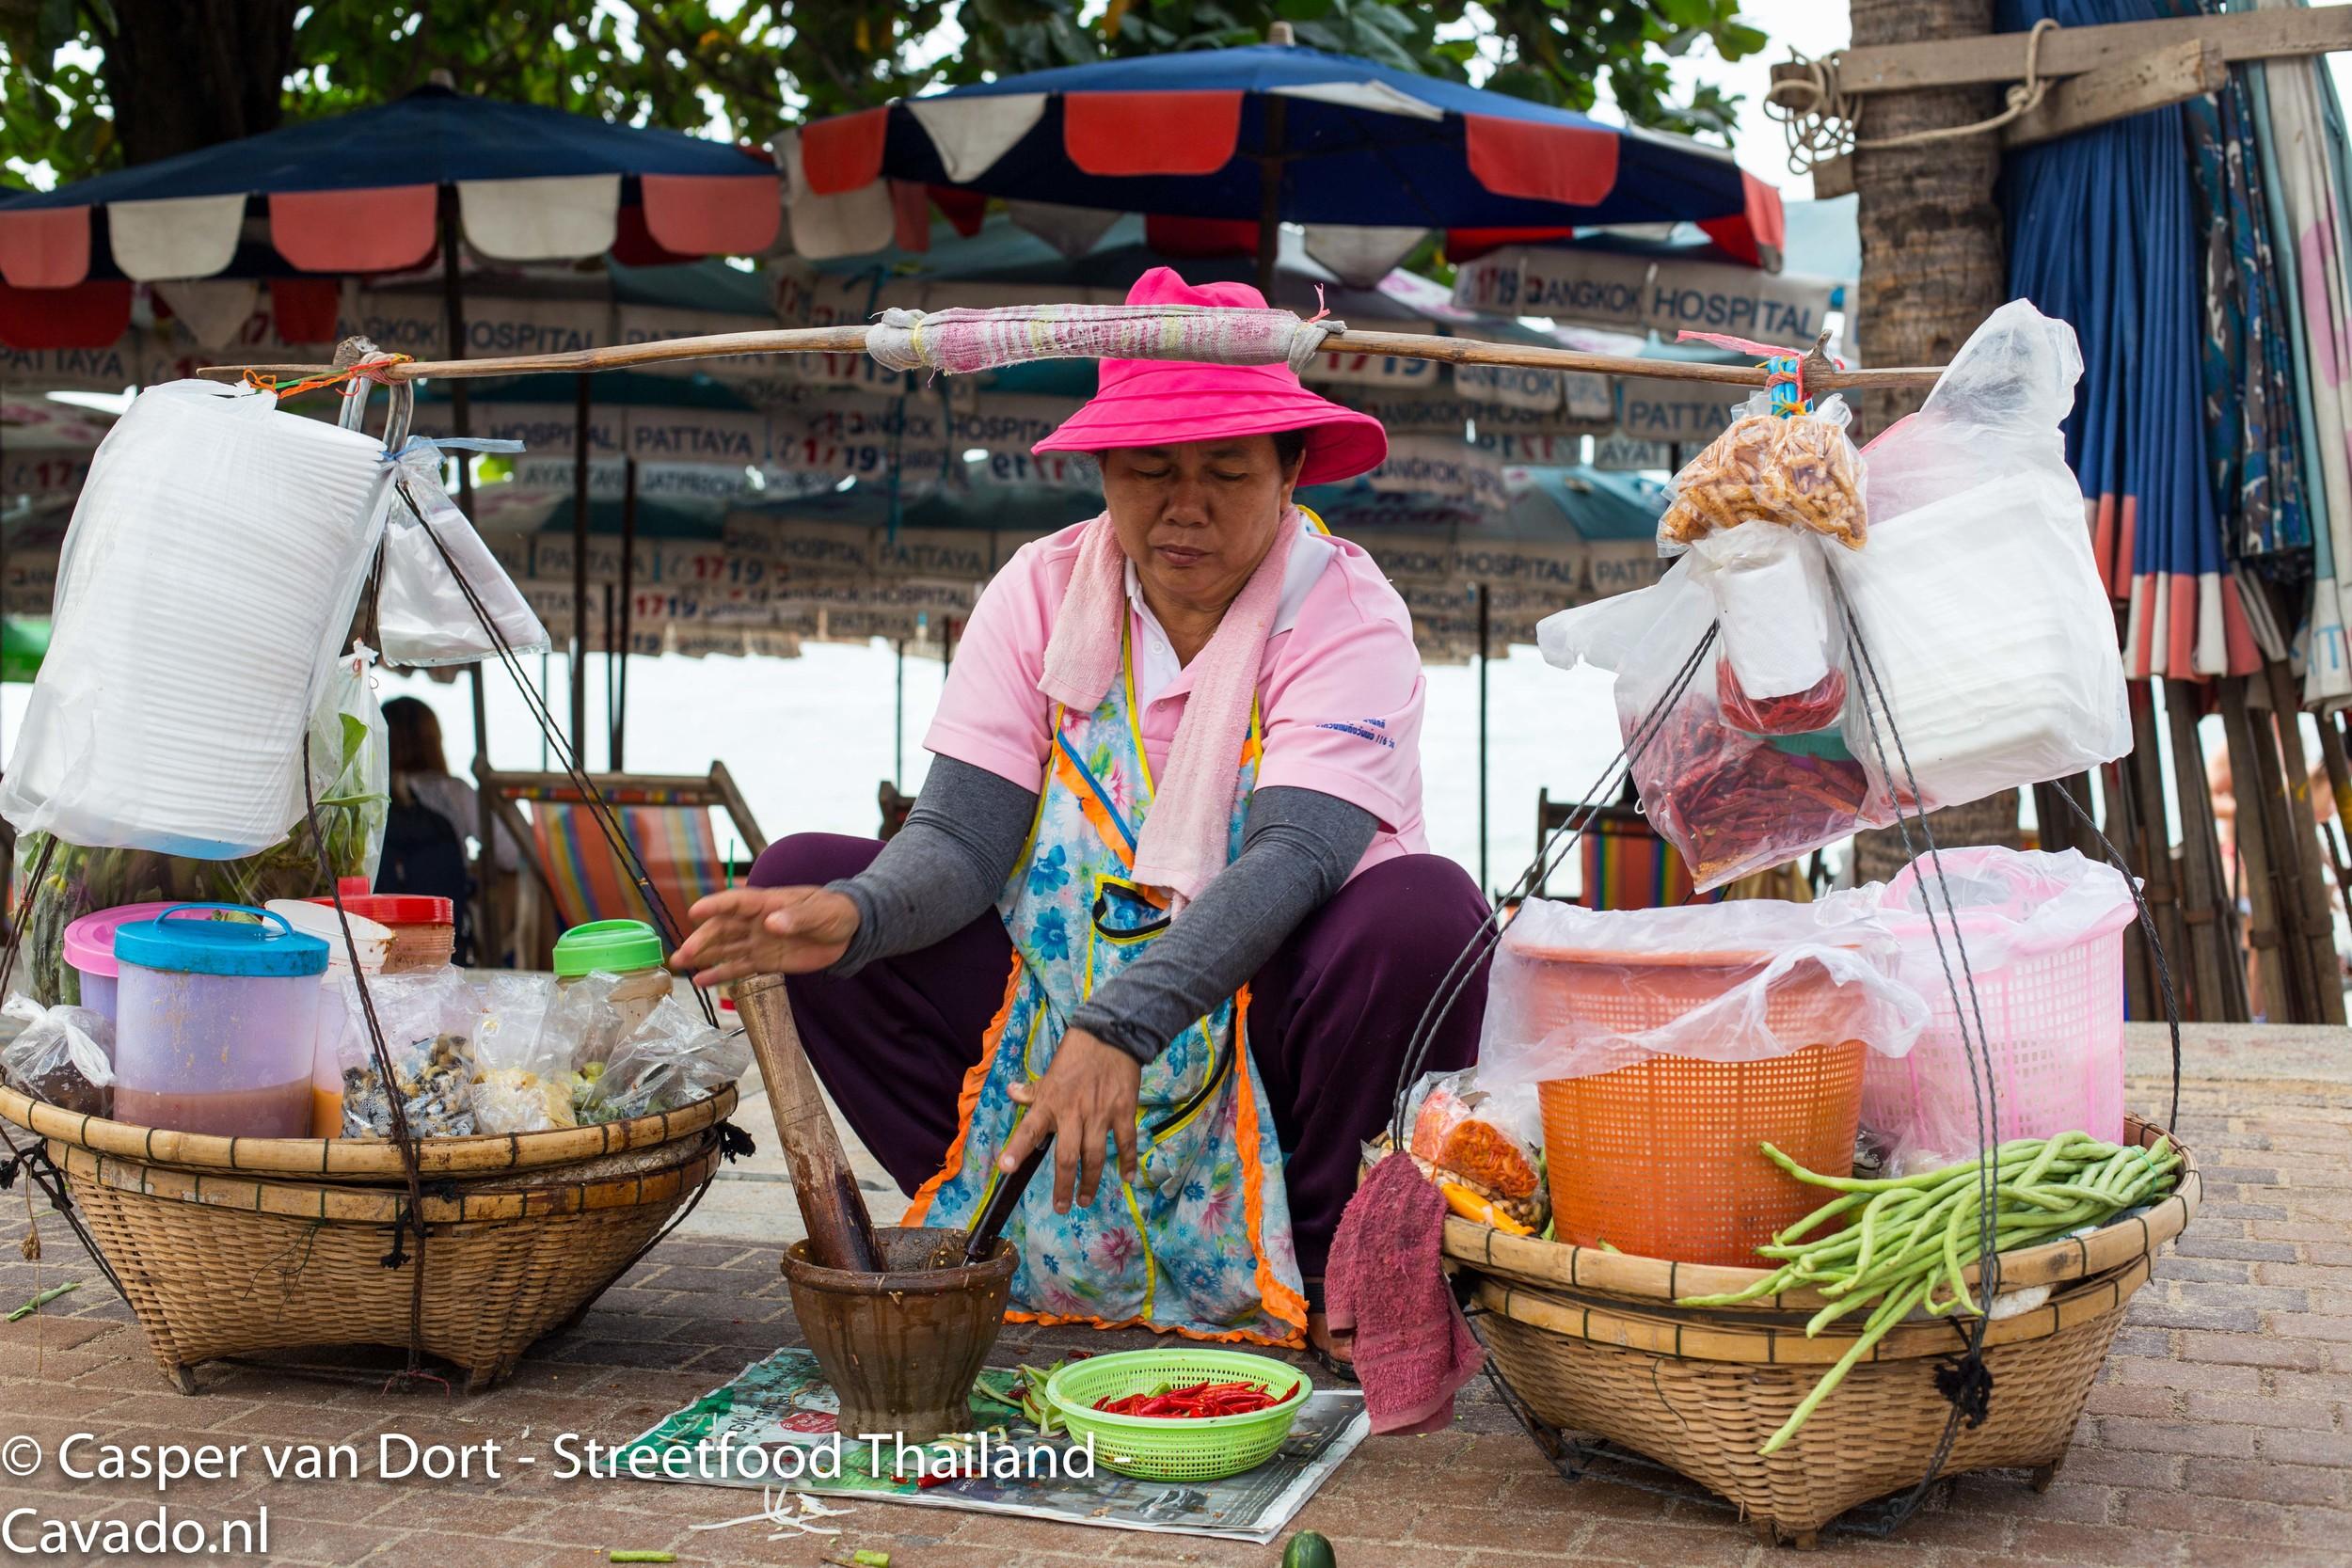 Thailand Streetfood-73.jpg